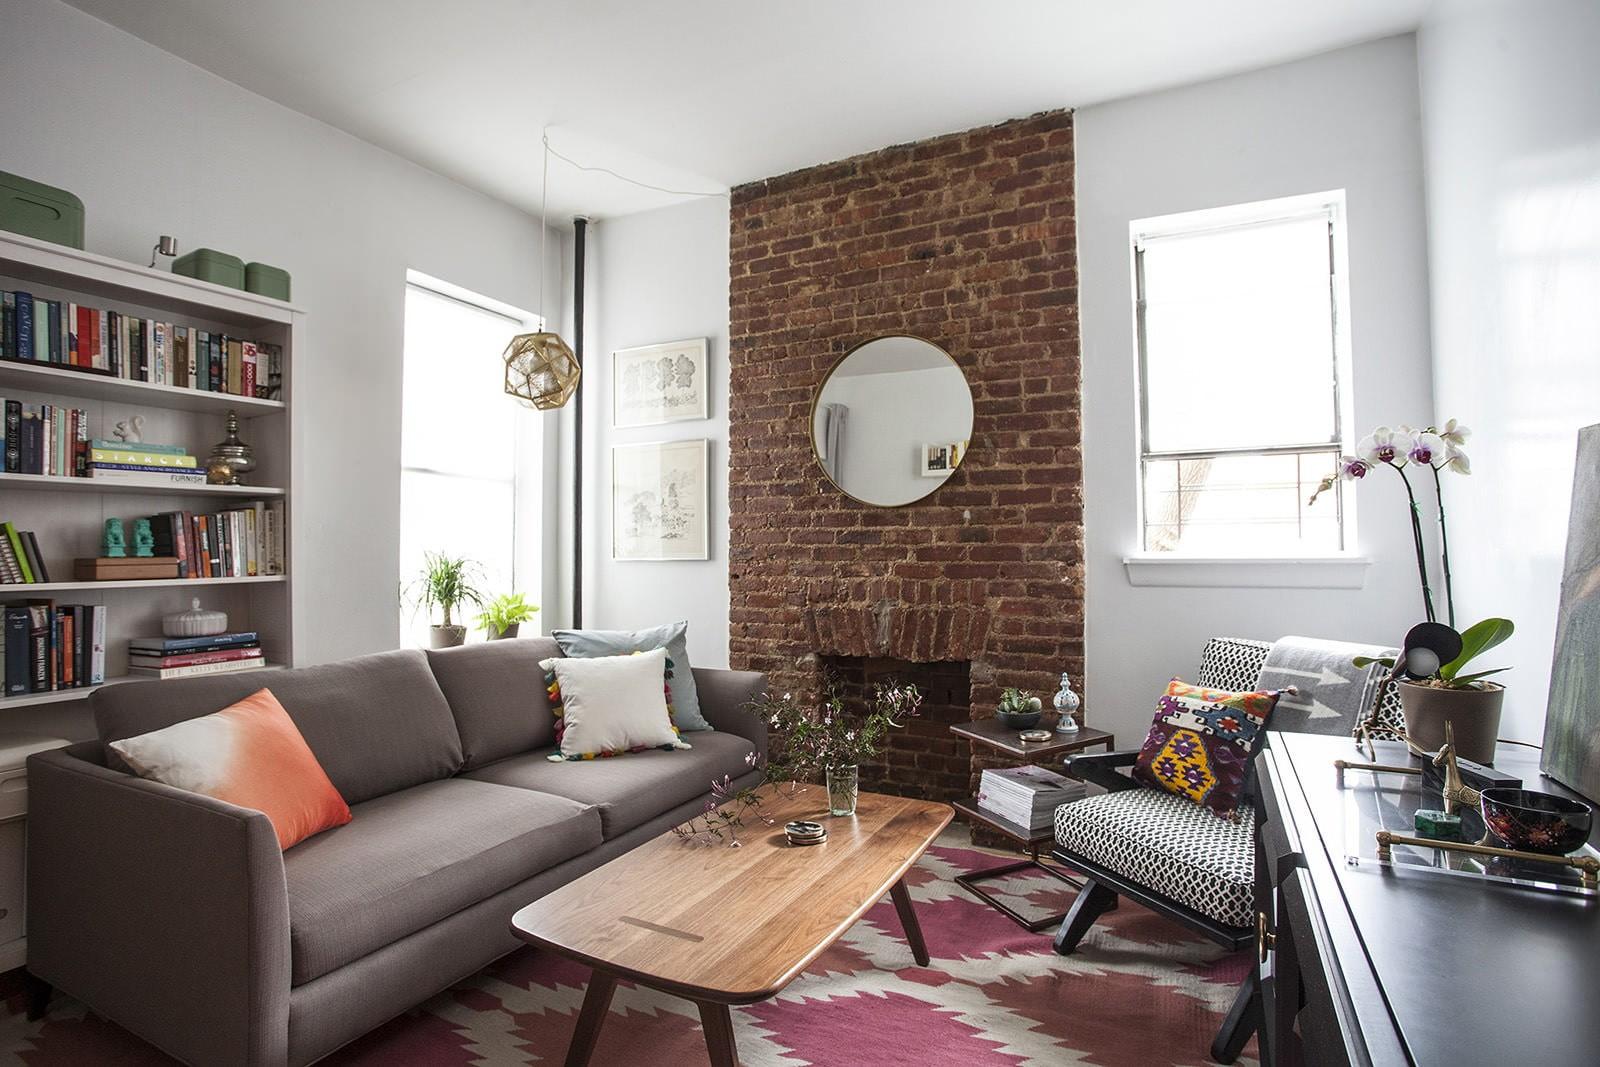 кирпичная кладка в квартире идеи фото